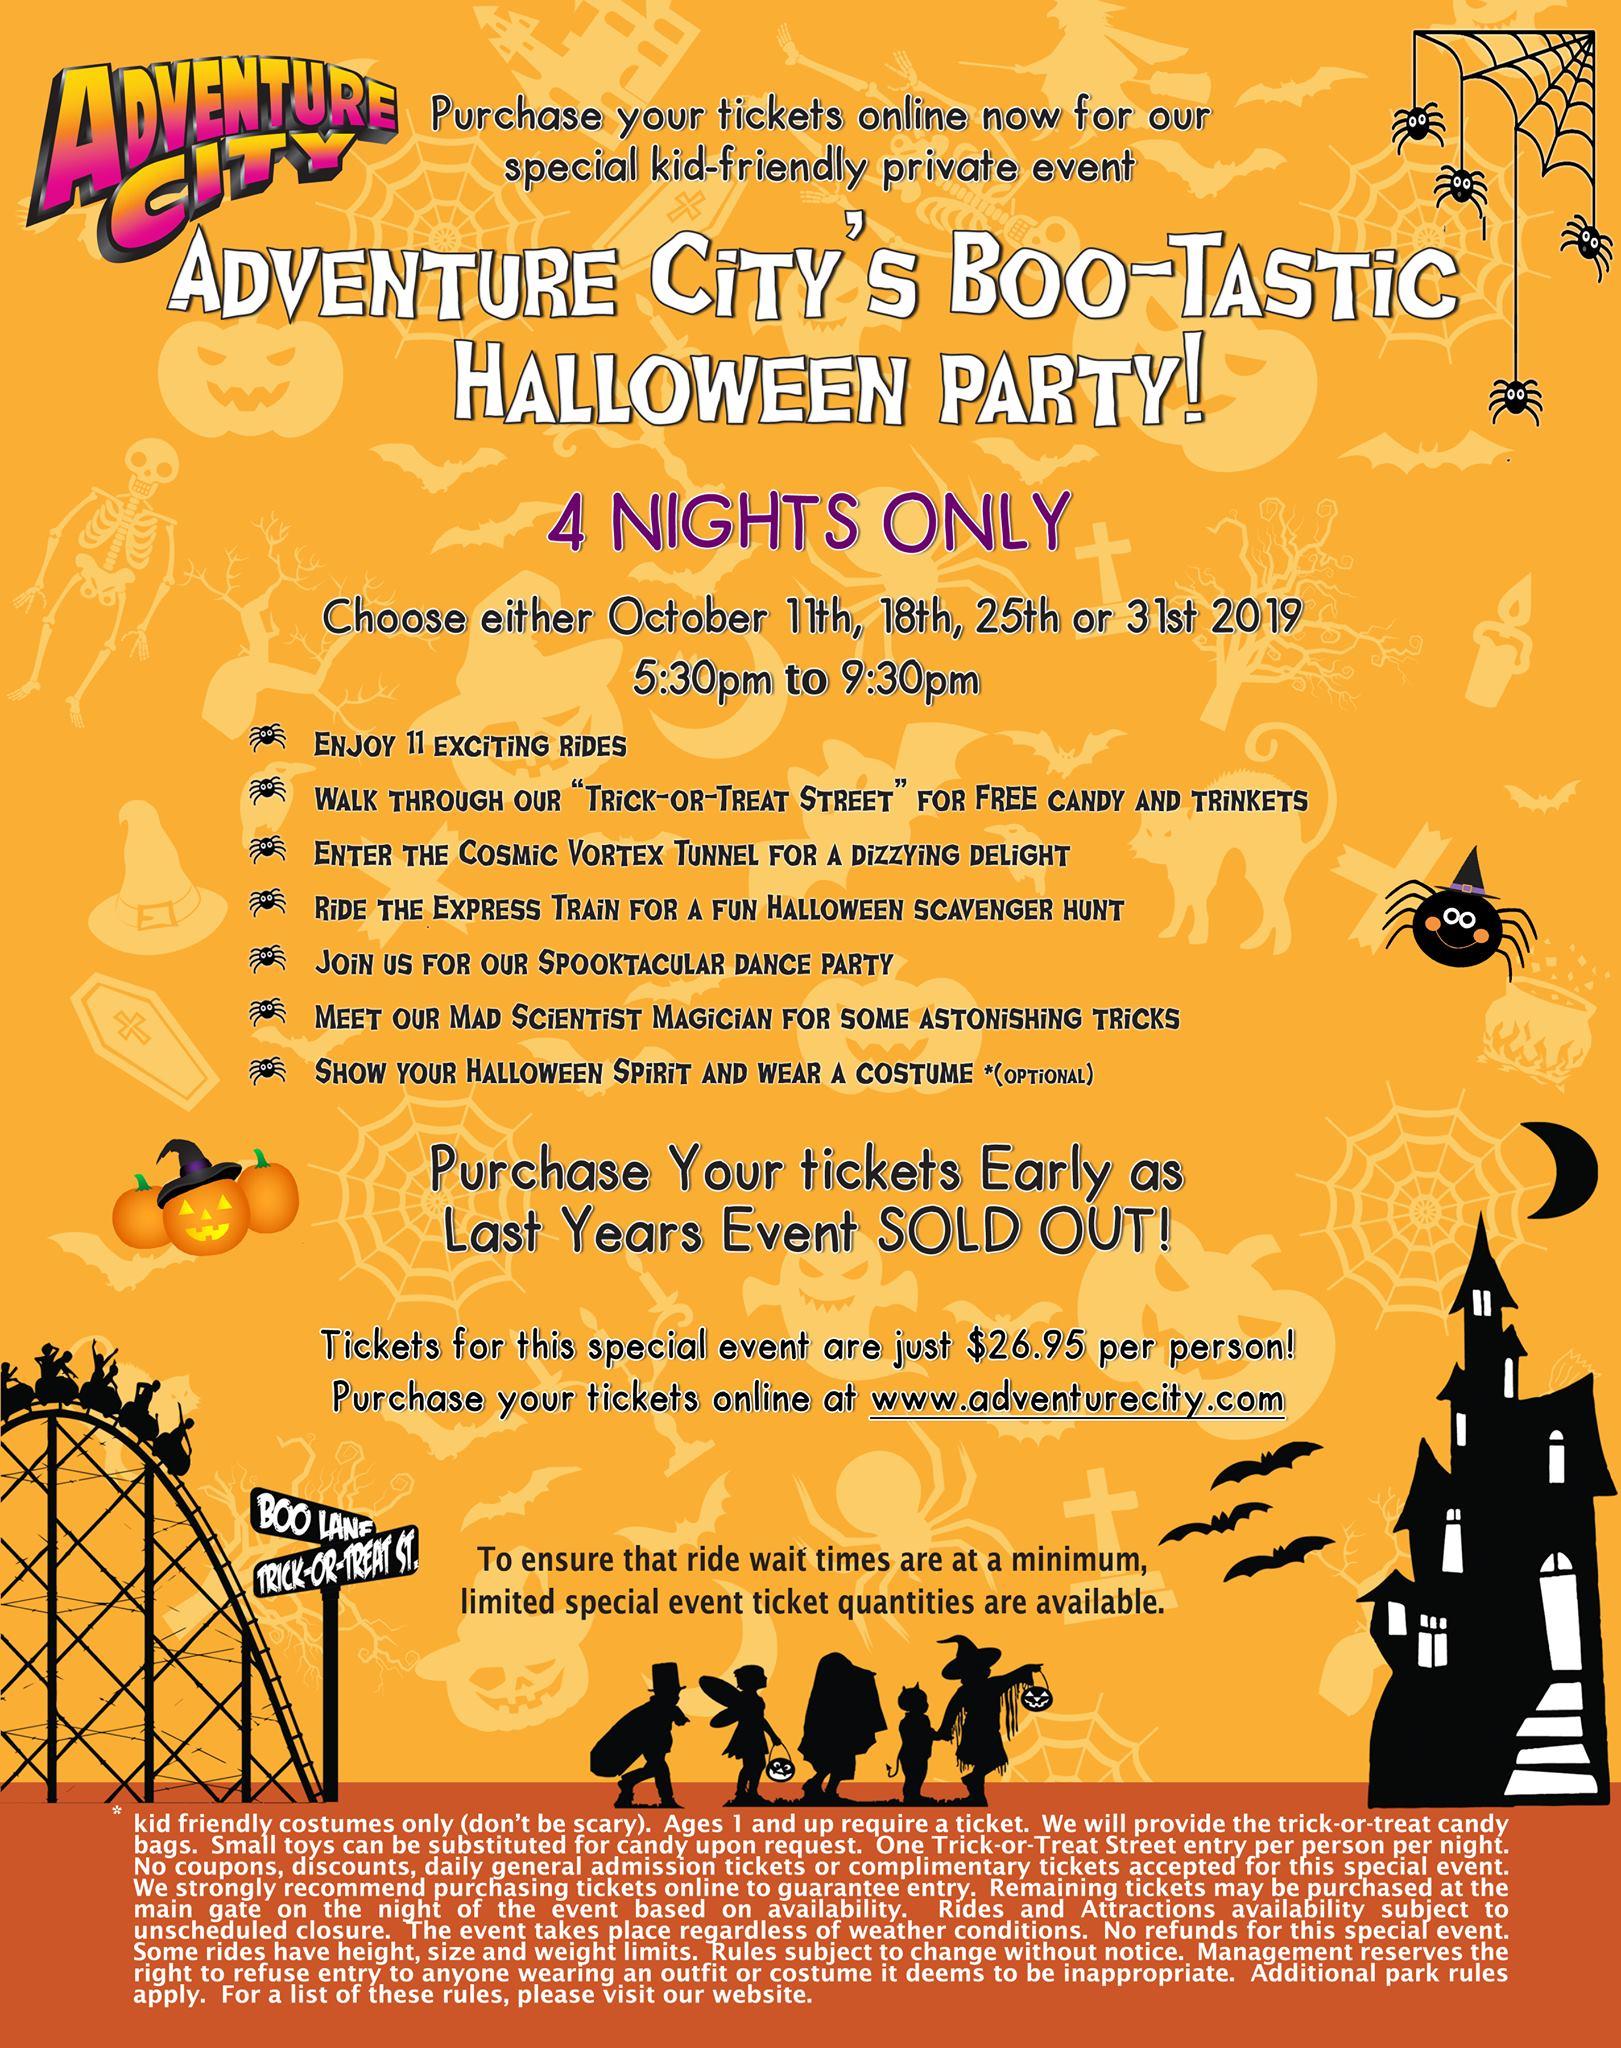 Boo-Tastic Halloween 2020, October 26 Adventure City's BooTastic Halloween Party!   18 OCT 2019